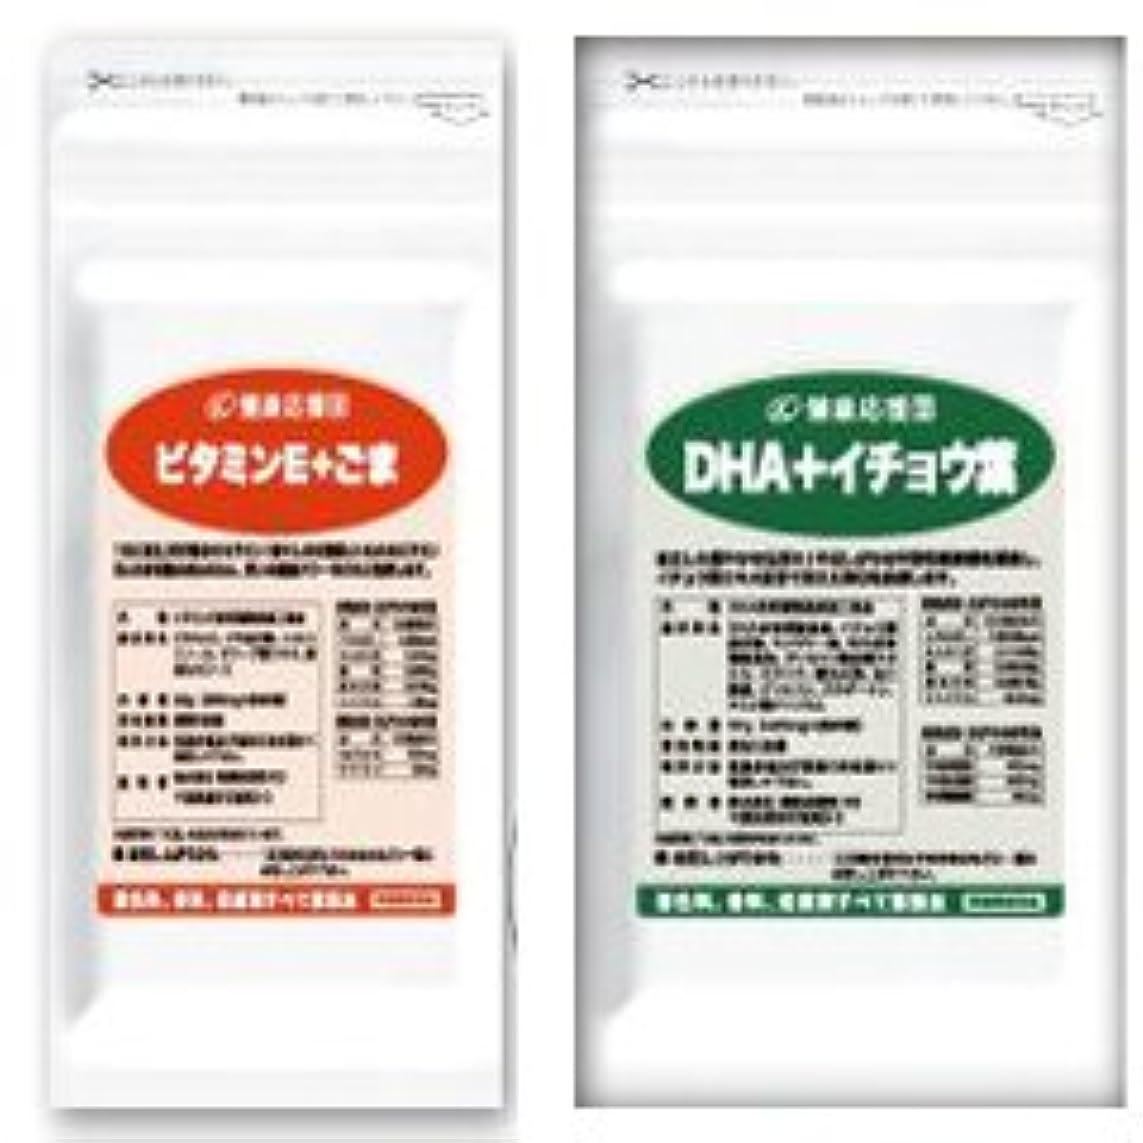 (お徳用6か月分)毎日元気セット (ビタミンE+ごま) + (DHA+イチョウ葉エキス)6袋&6袋セット (DHA?EPA?ビタミンE?セサミン)